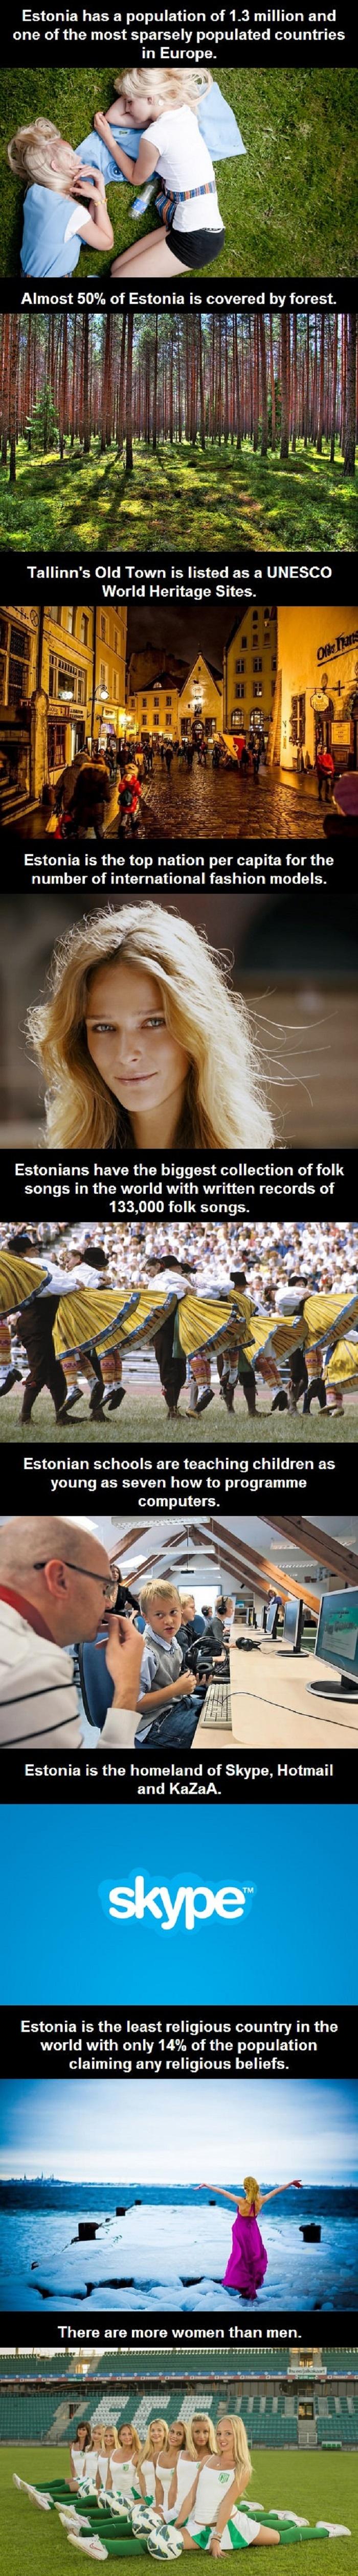 Meet Estonia